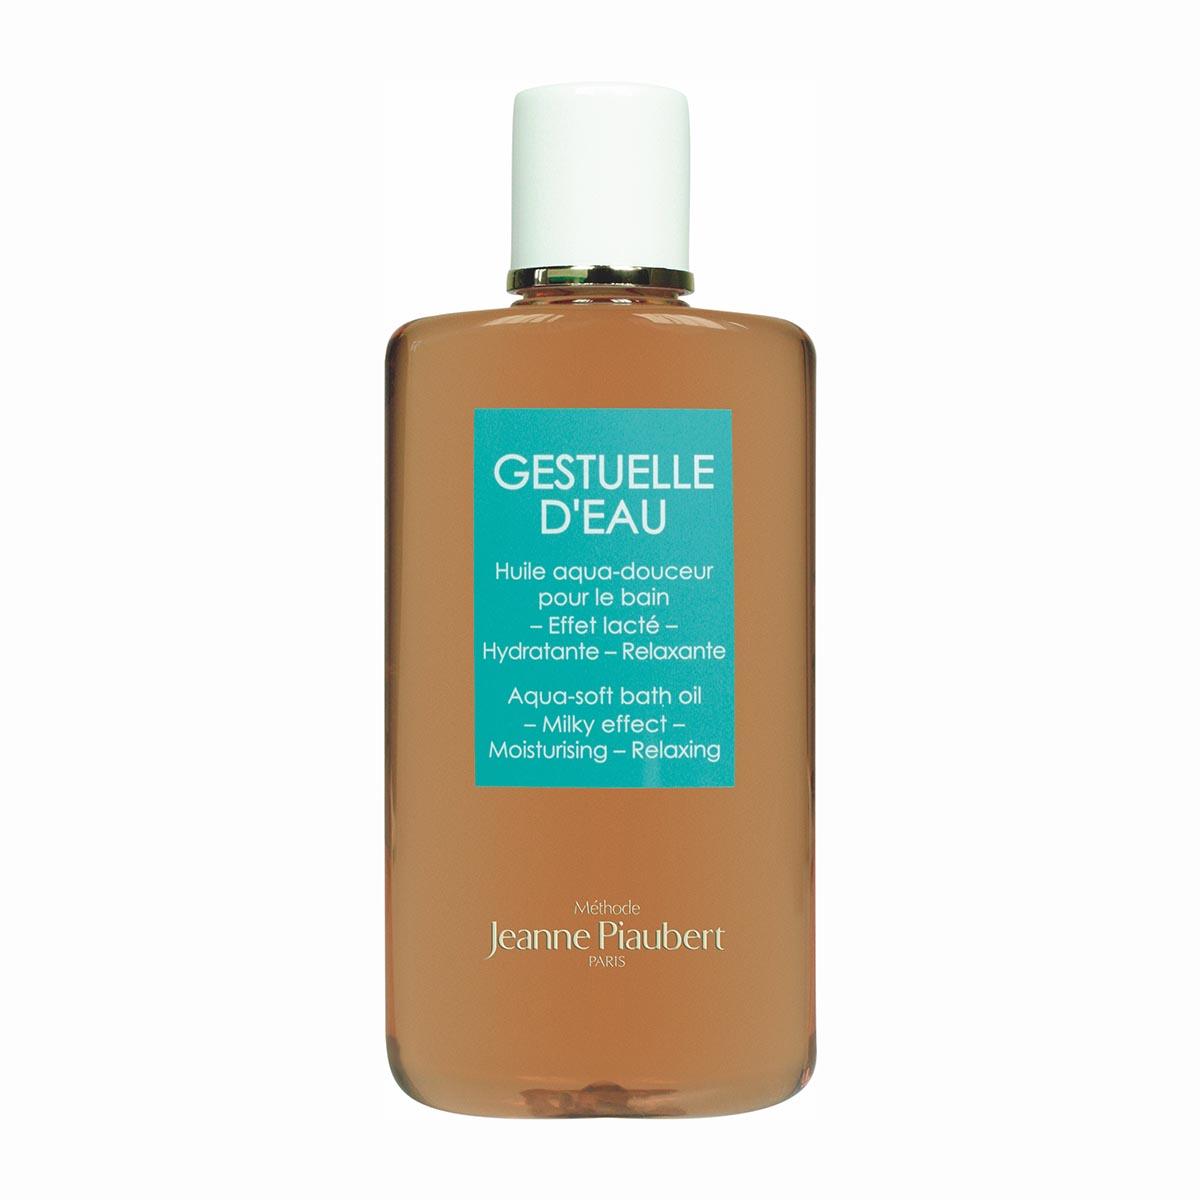 Jeanne piaubert gestuelle d eau aqua soft bath oil milky effect 200ml